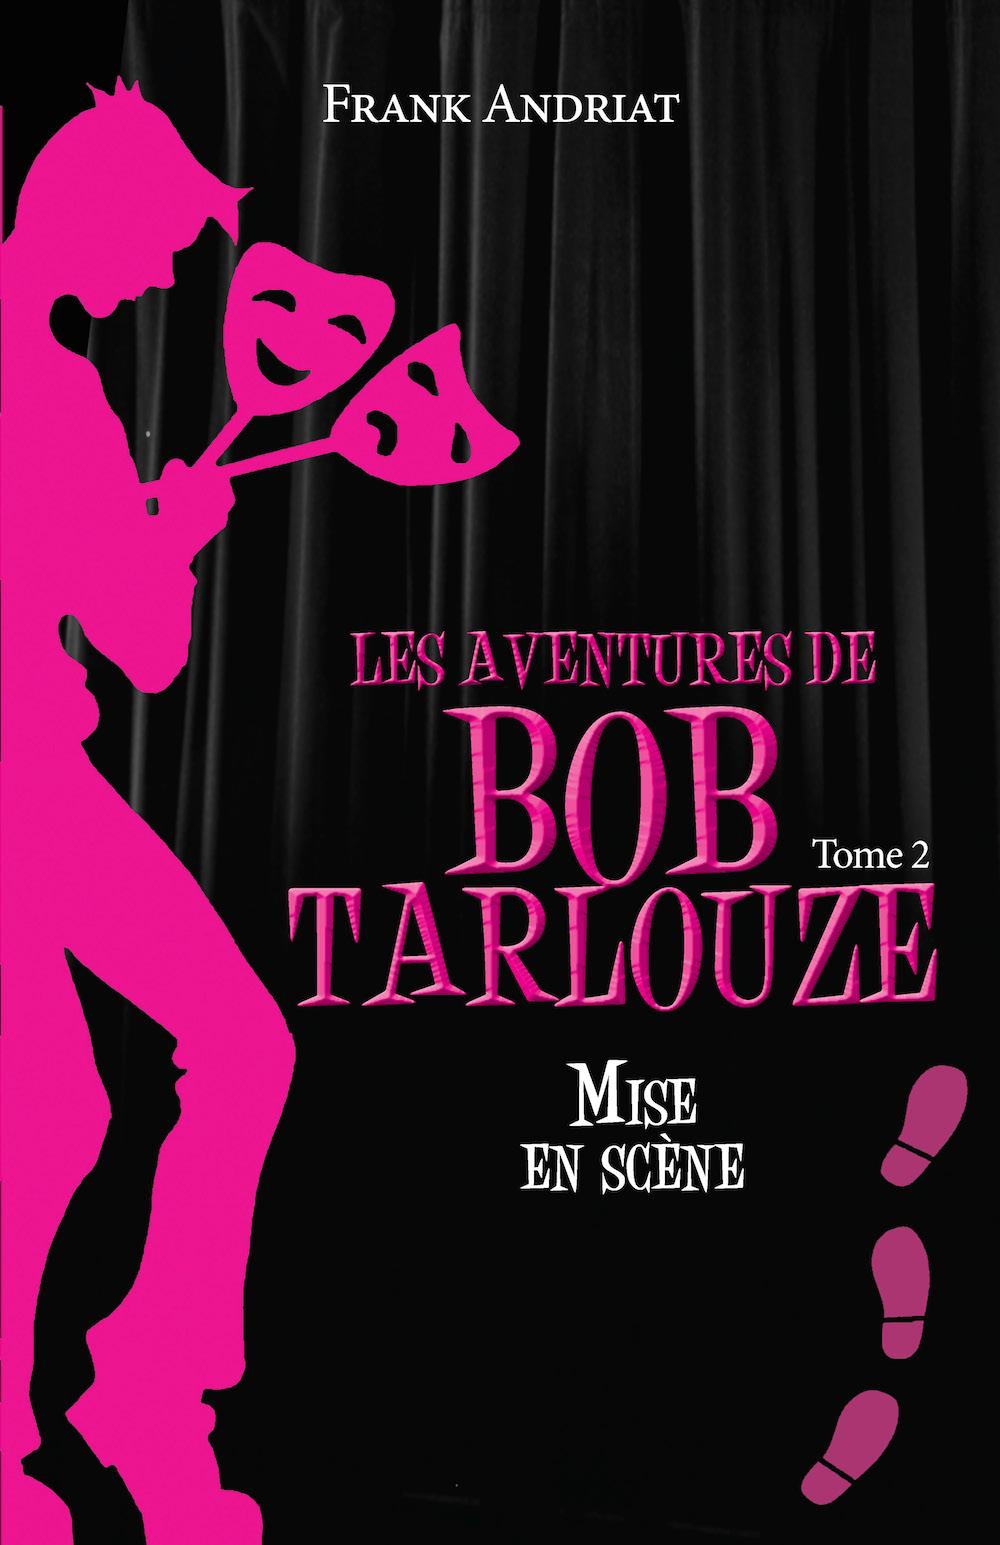 Les aventures de Bob Tarlouze – Tome 2 – Mise en scène